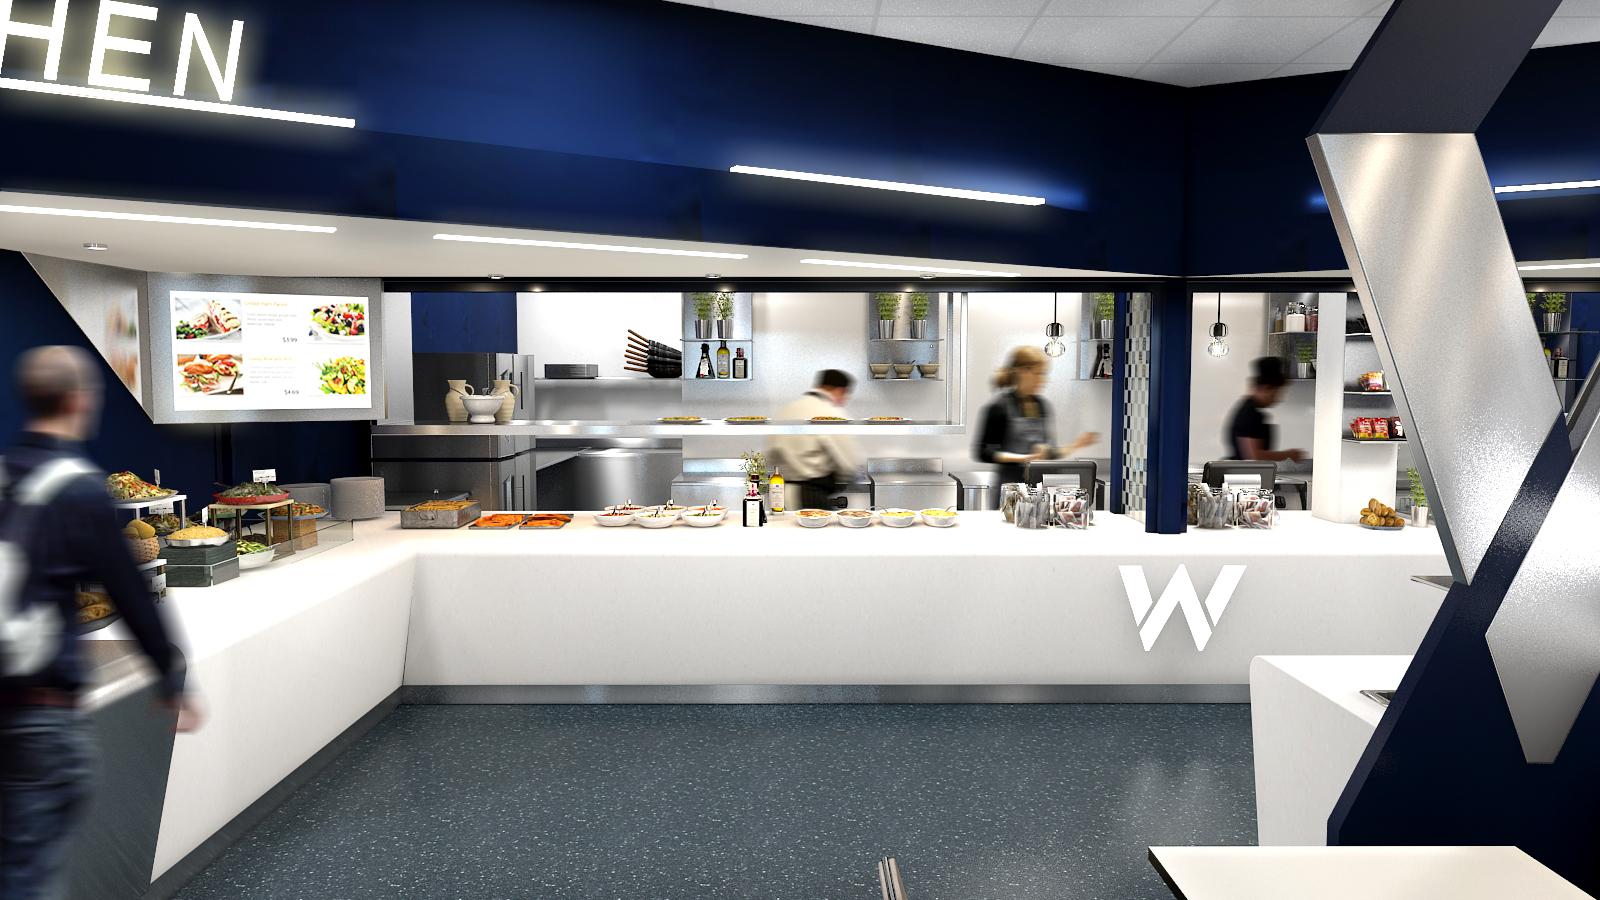 Staff Restaurant design